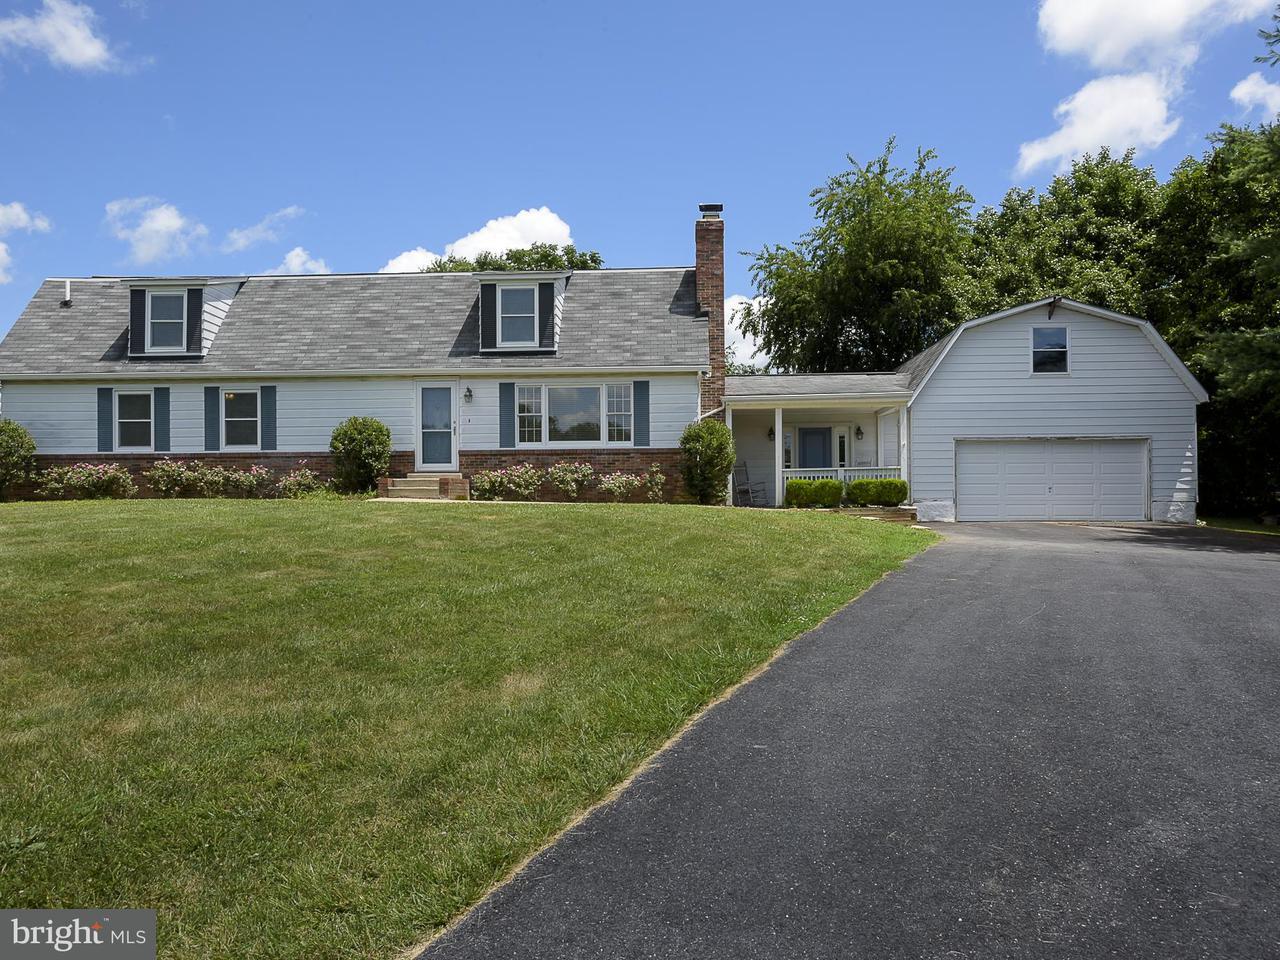 Частный односемейный дом для того Продажа на 4471 TEN OAKS Road 4471 TEN OAKS Road Dayton, Мэриленд 21036 Соединенные Штаты